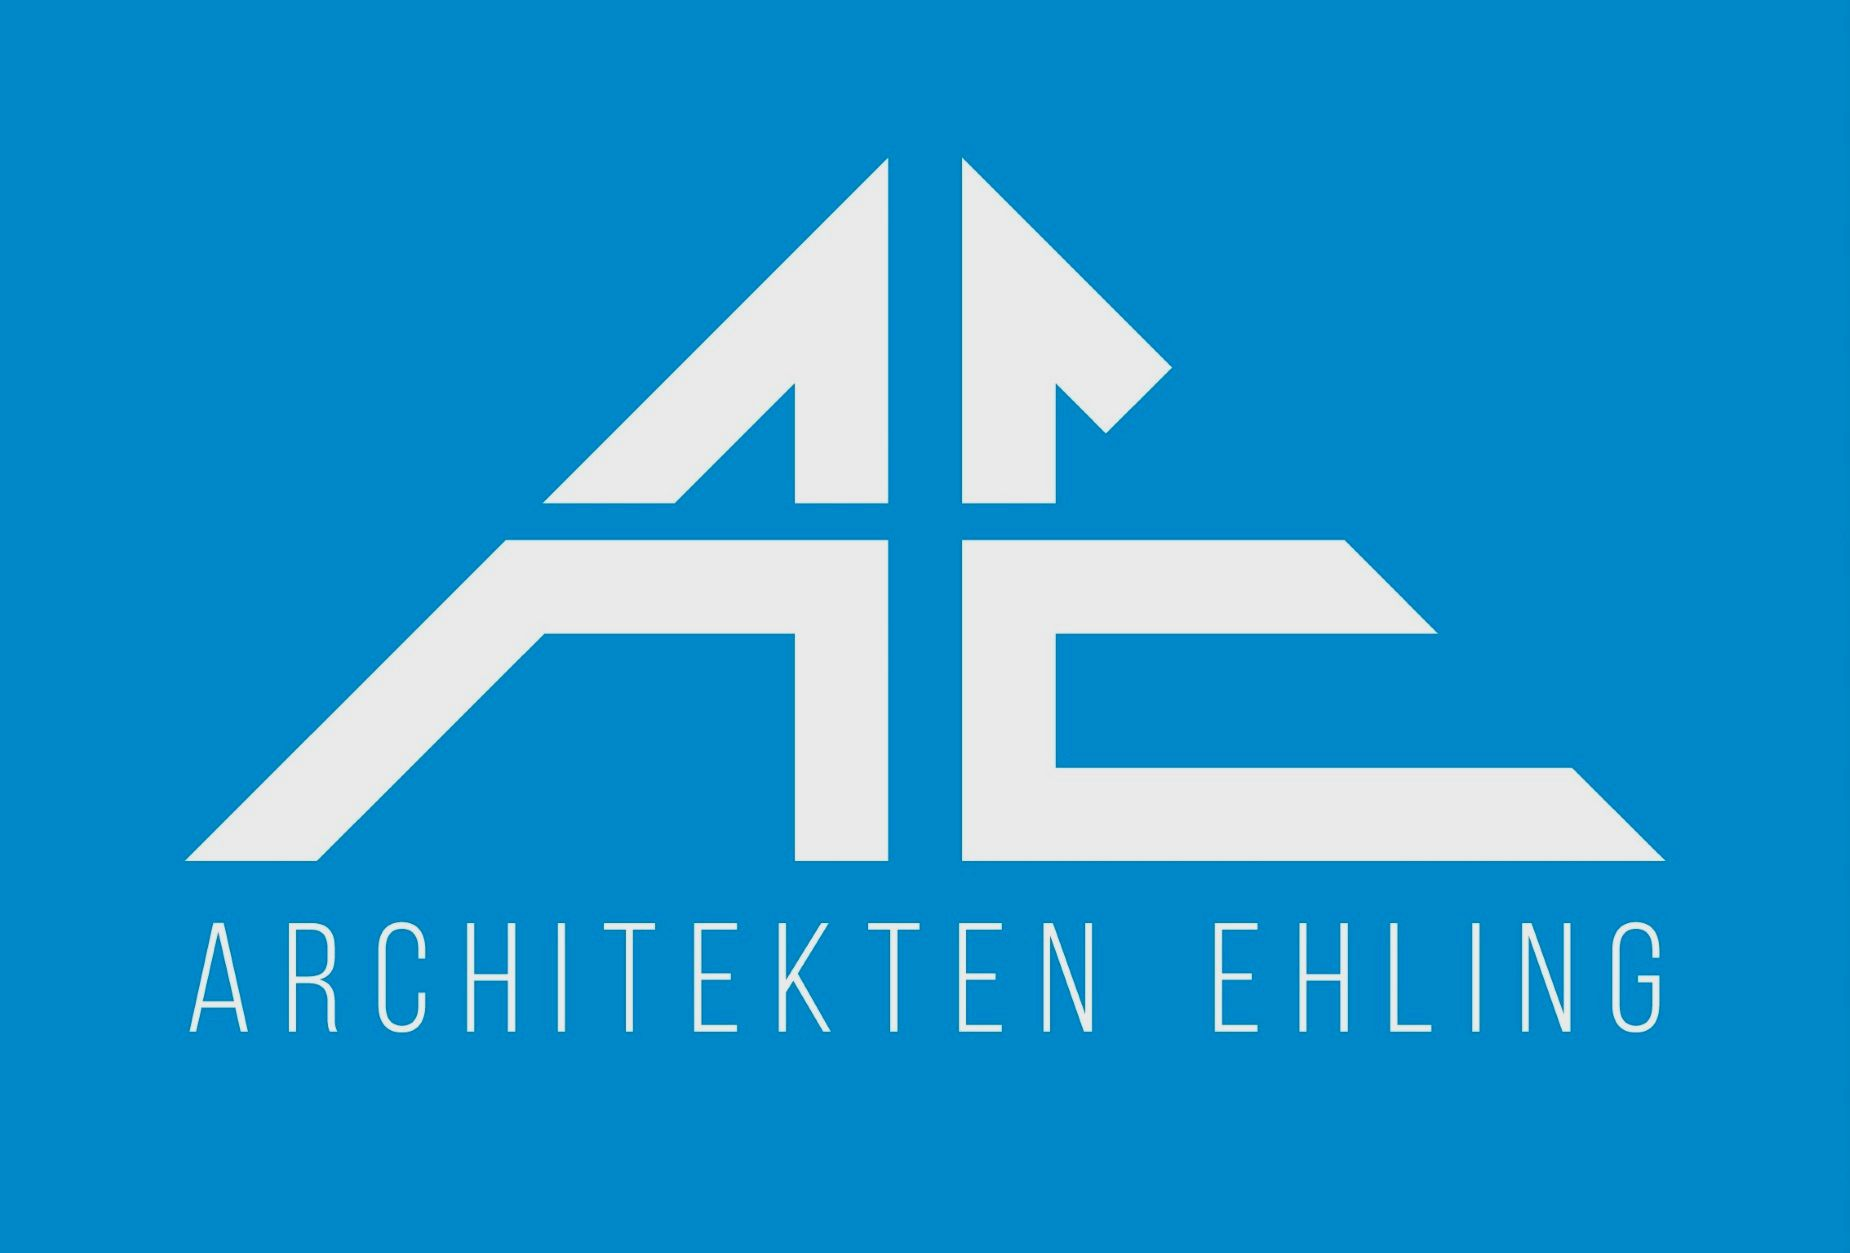 ARCHITEKTEN EHLING